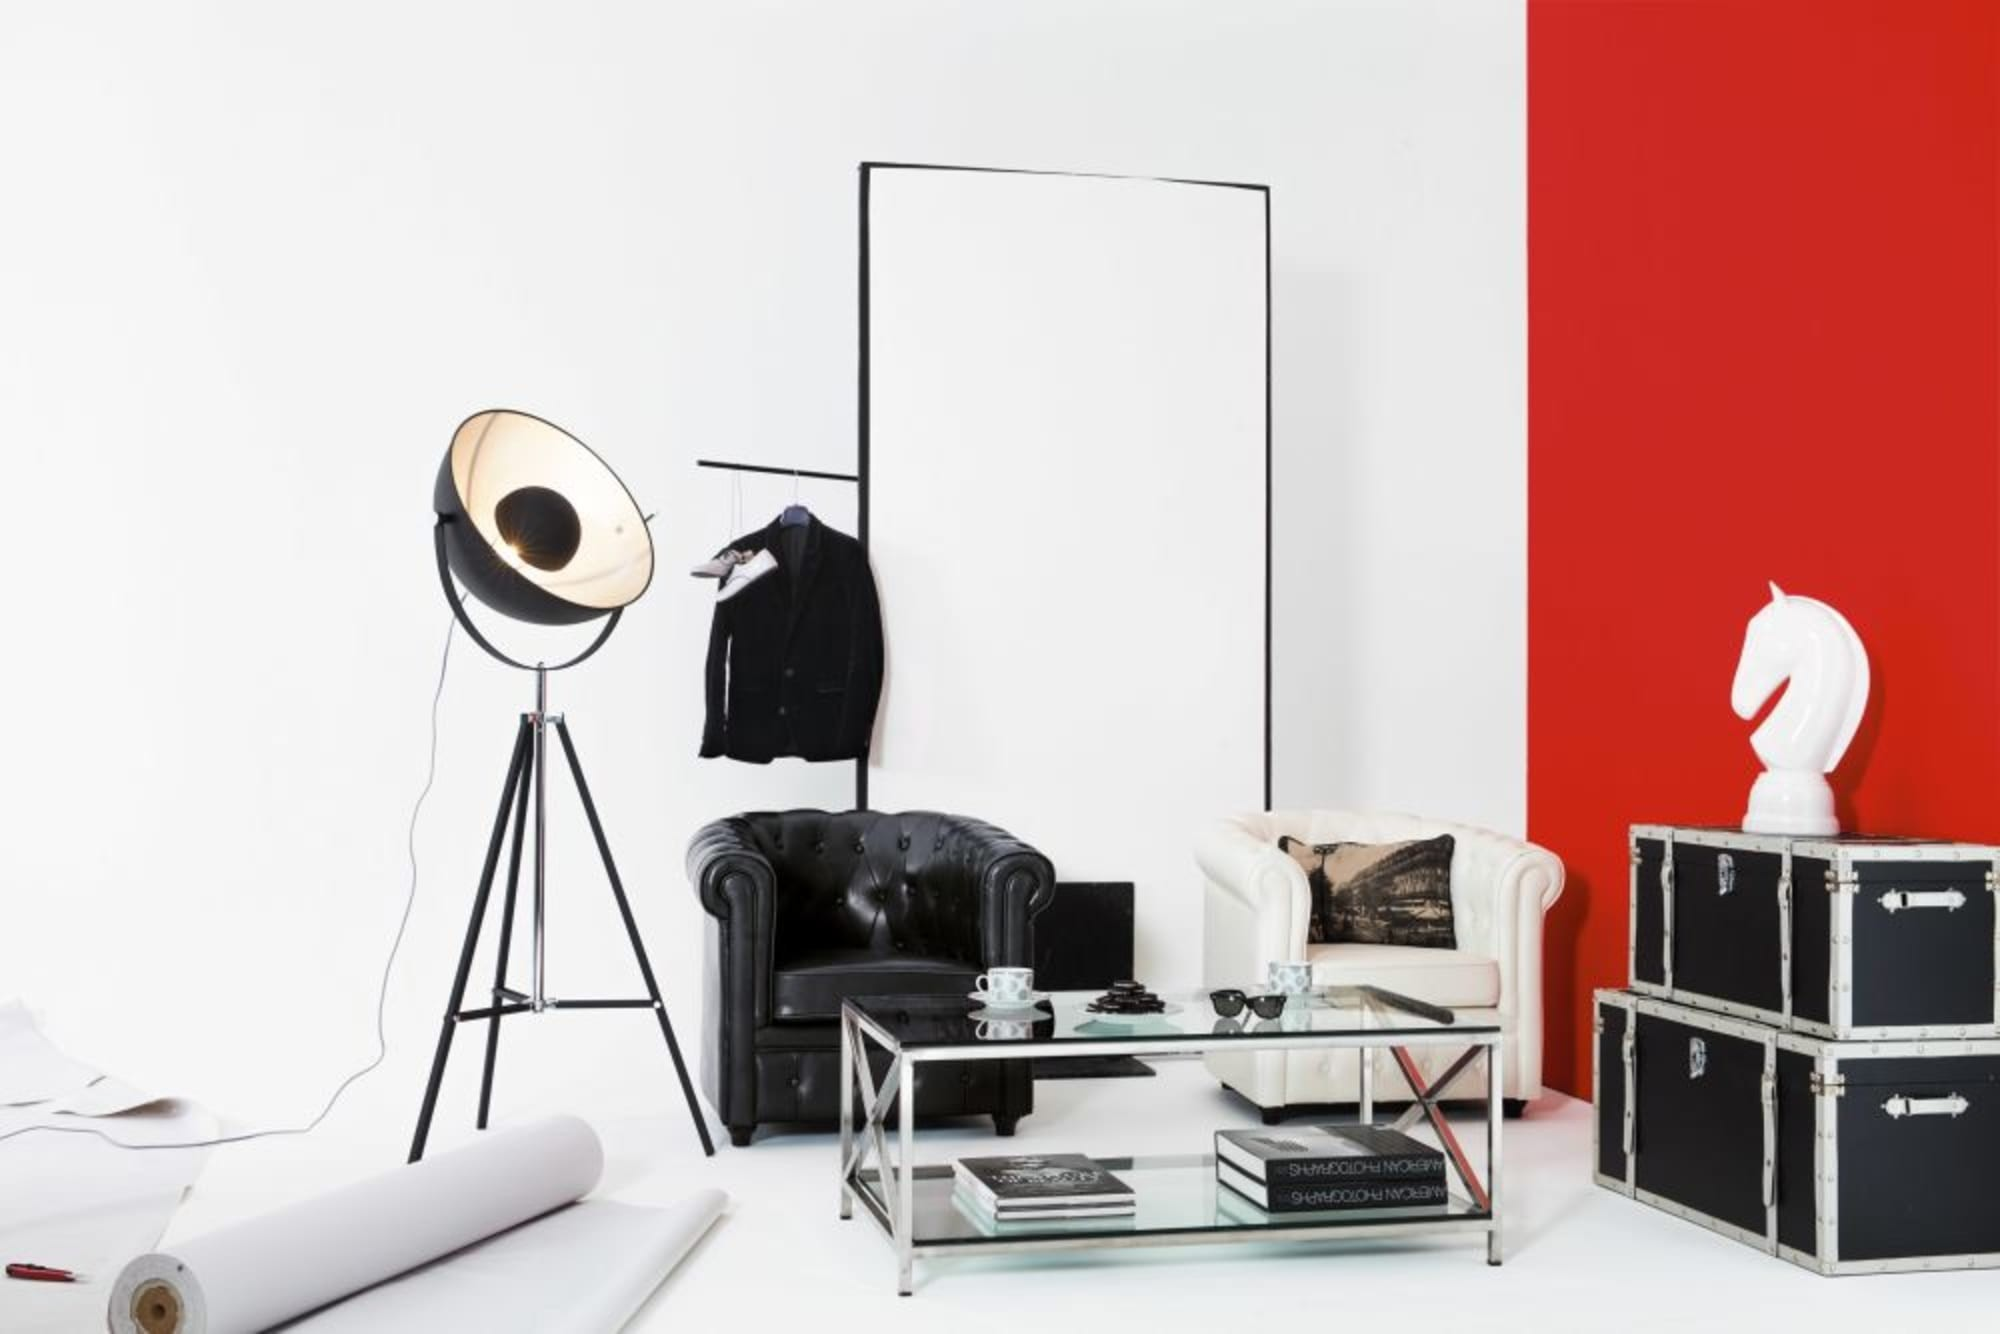 Đèn cây studio Phera trong set phối trang trí